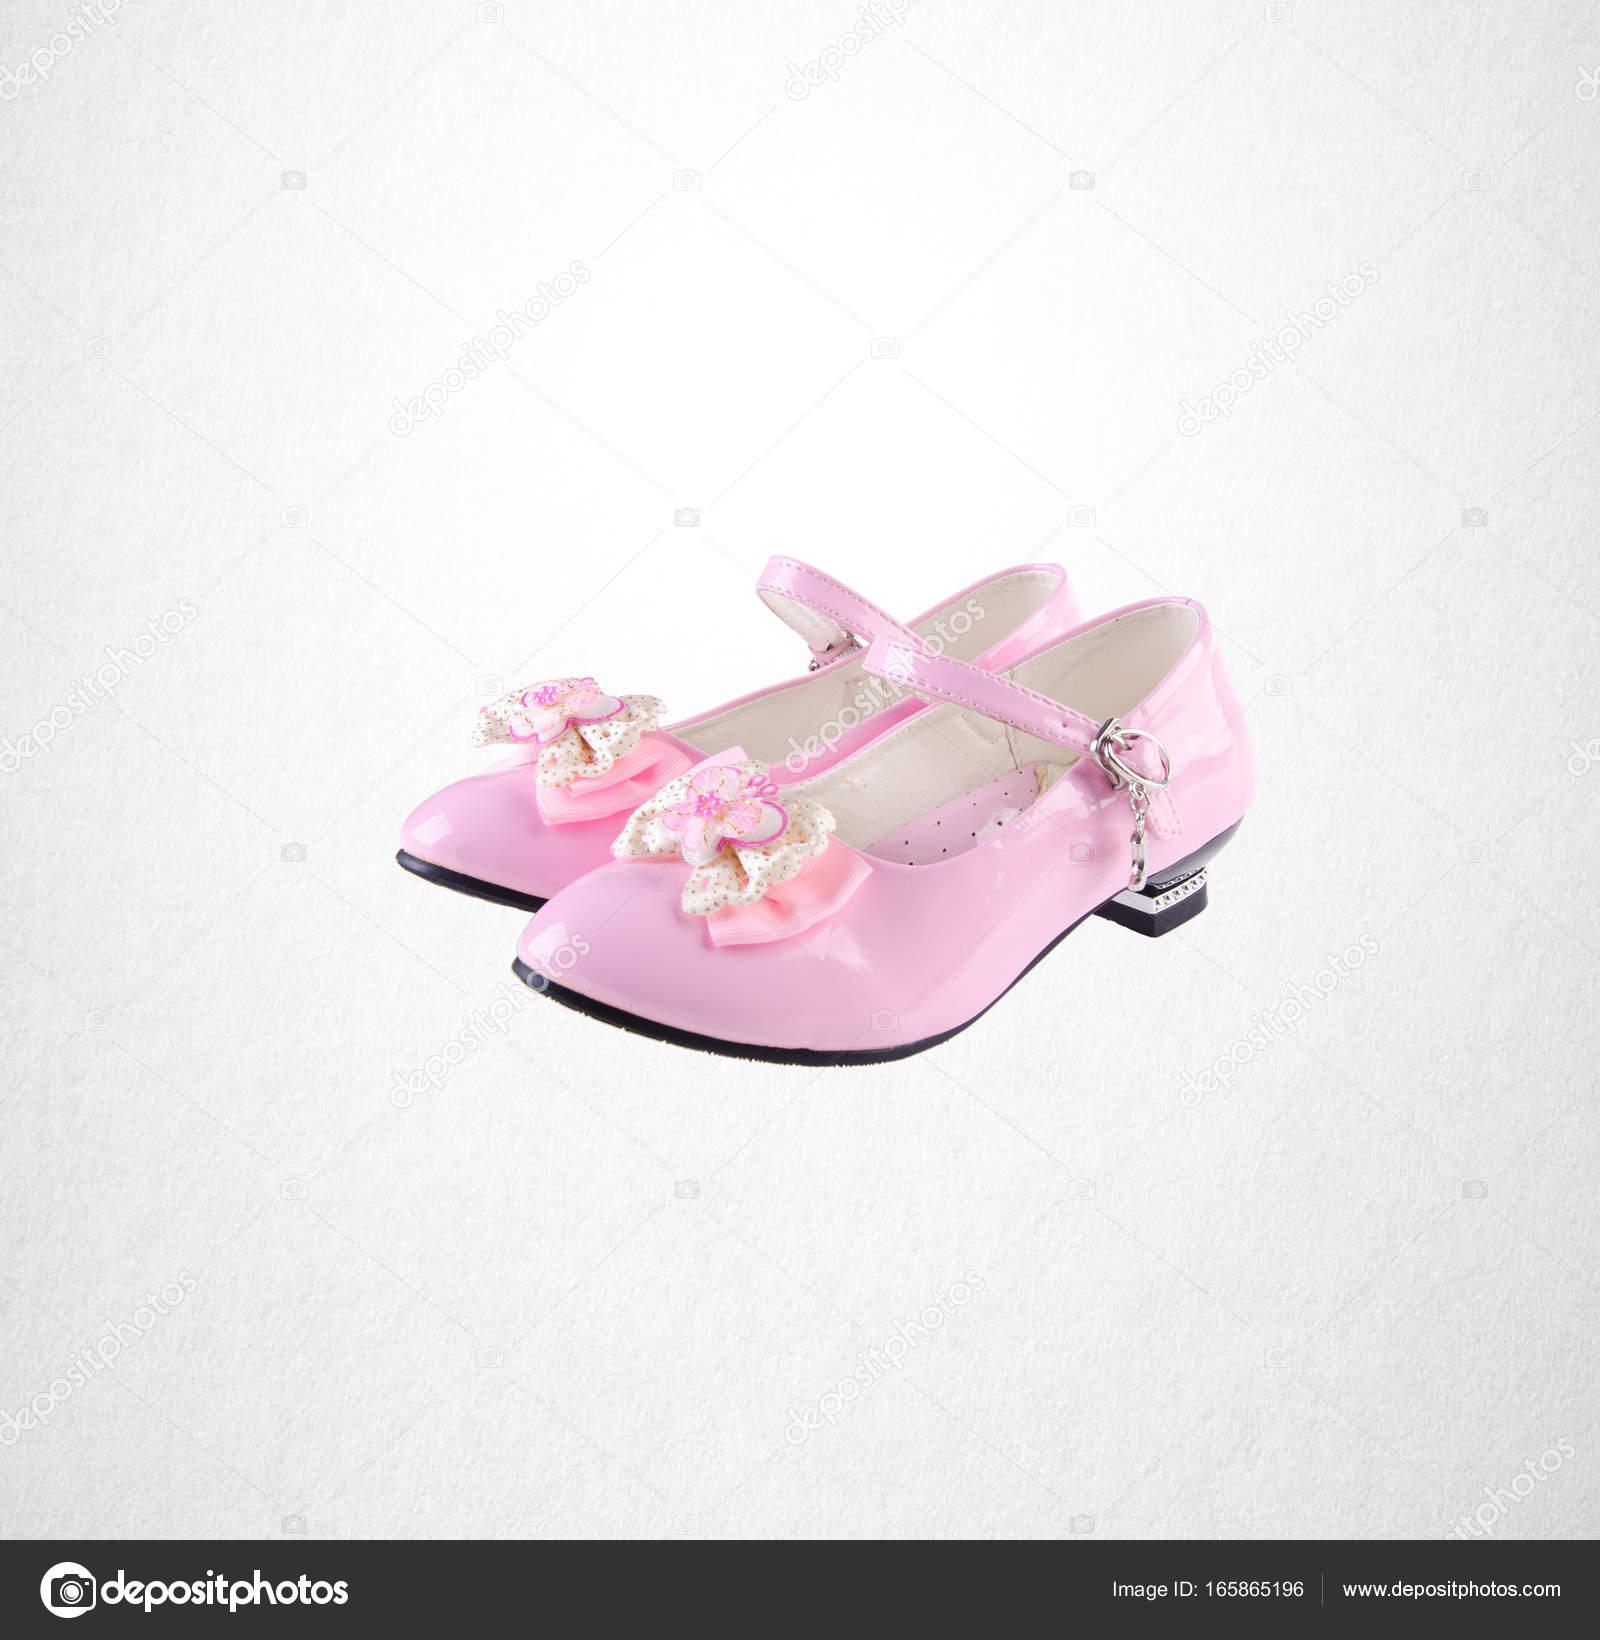 Petite Rose Sur Chaussure Fille Chaussures Couleur Fond ED29HI